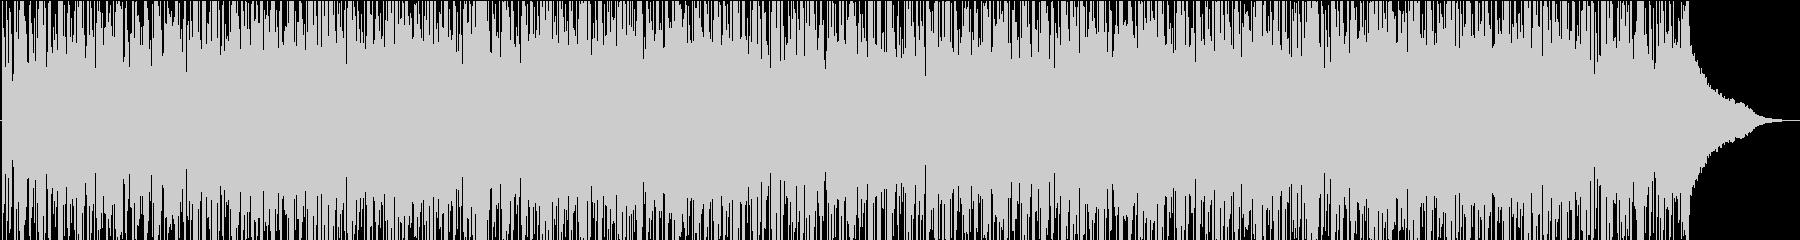 ポジティブで浮遊感のあるBGMの未再生の波形